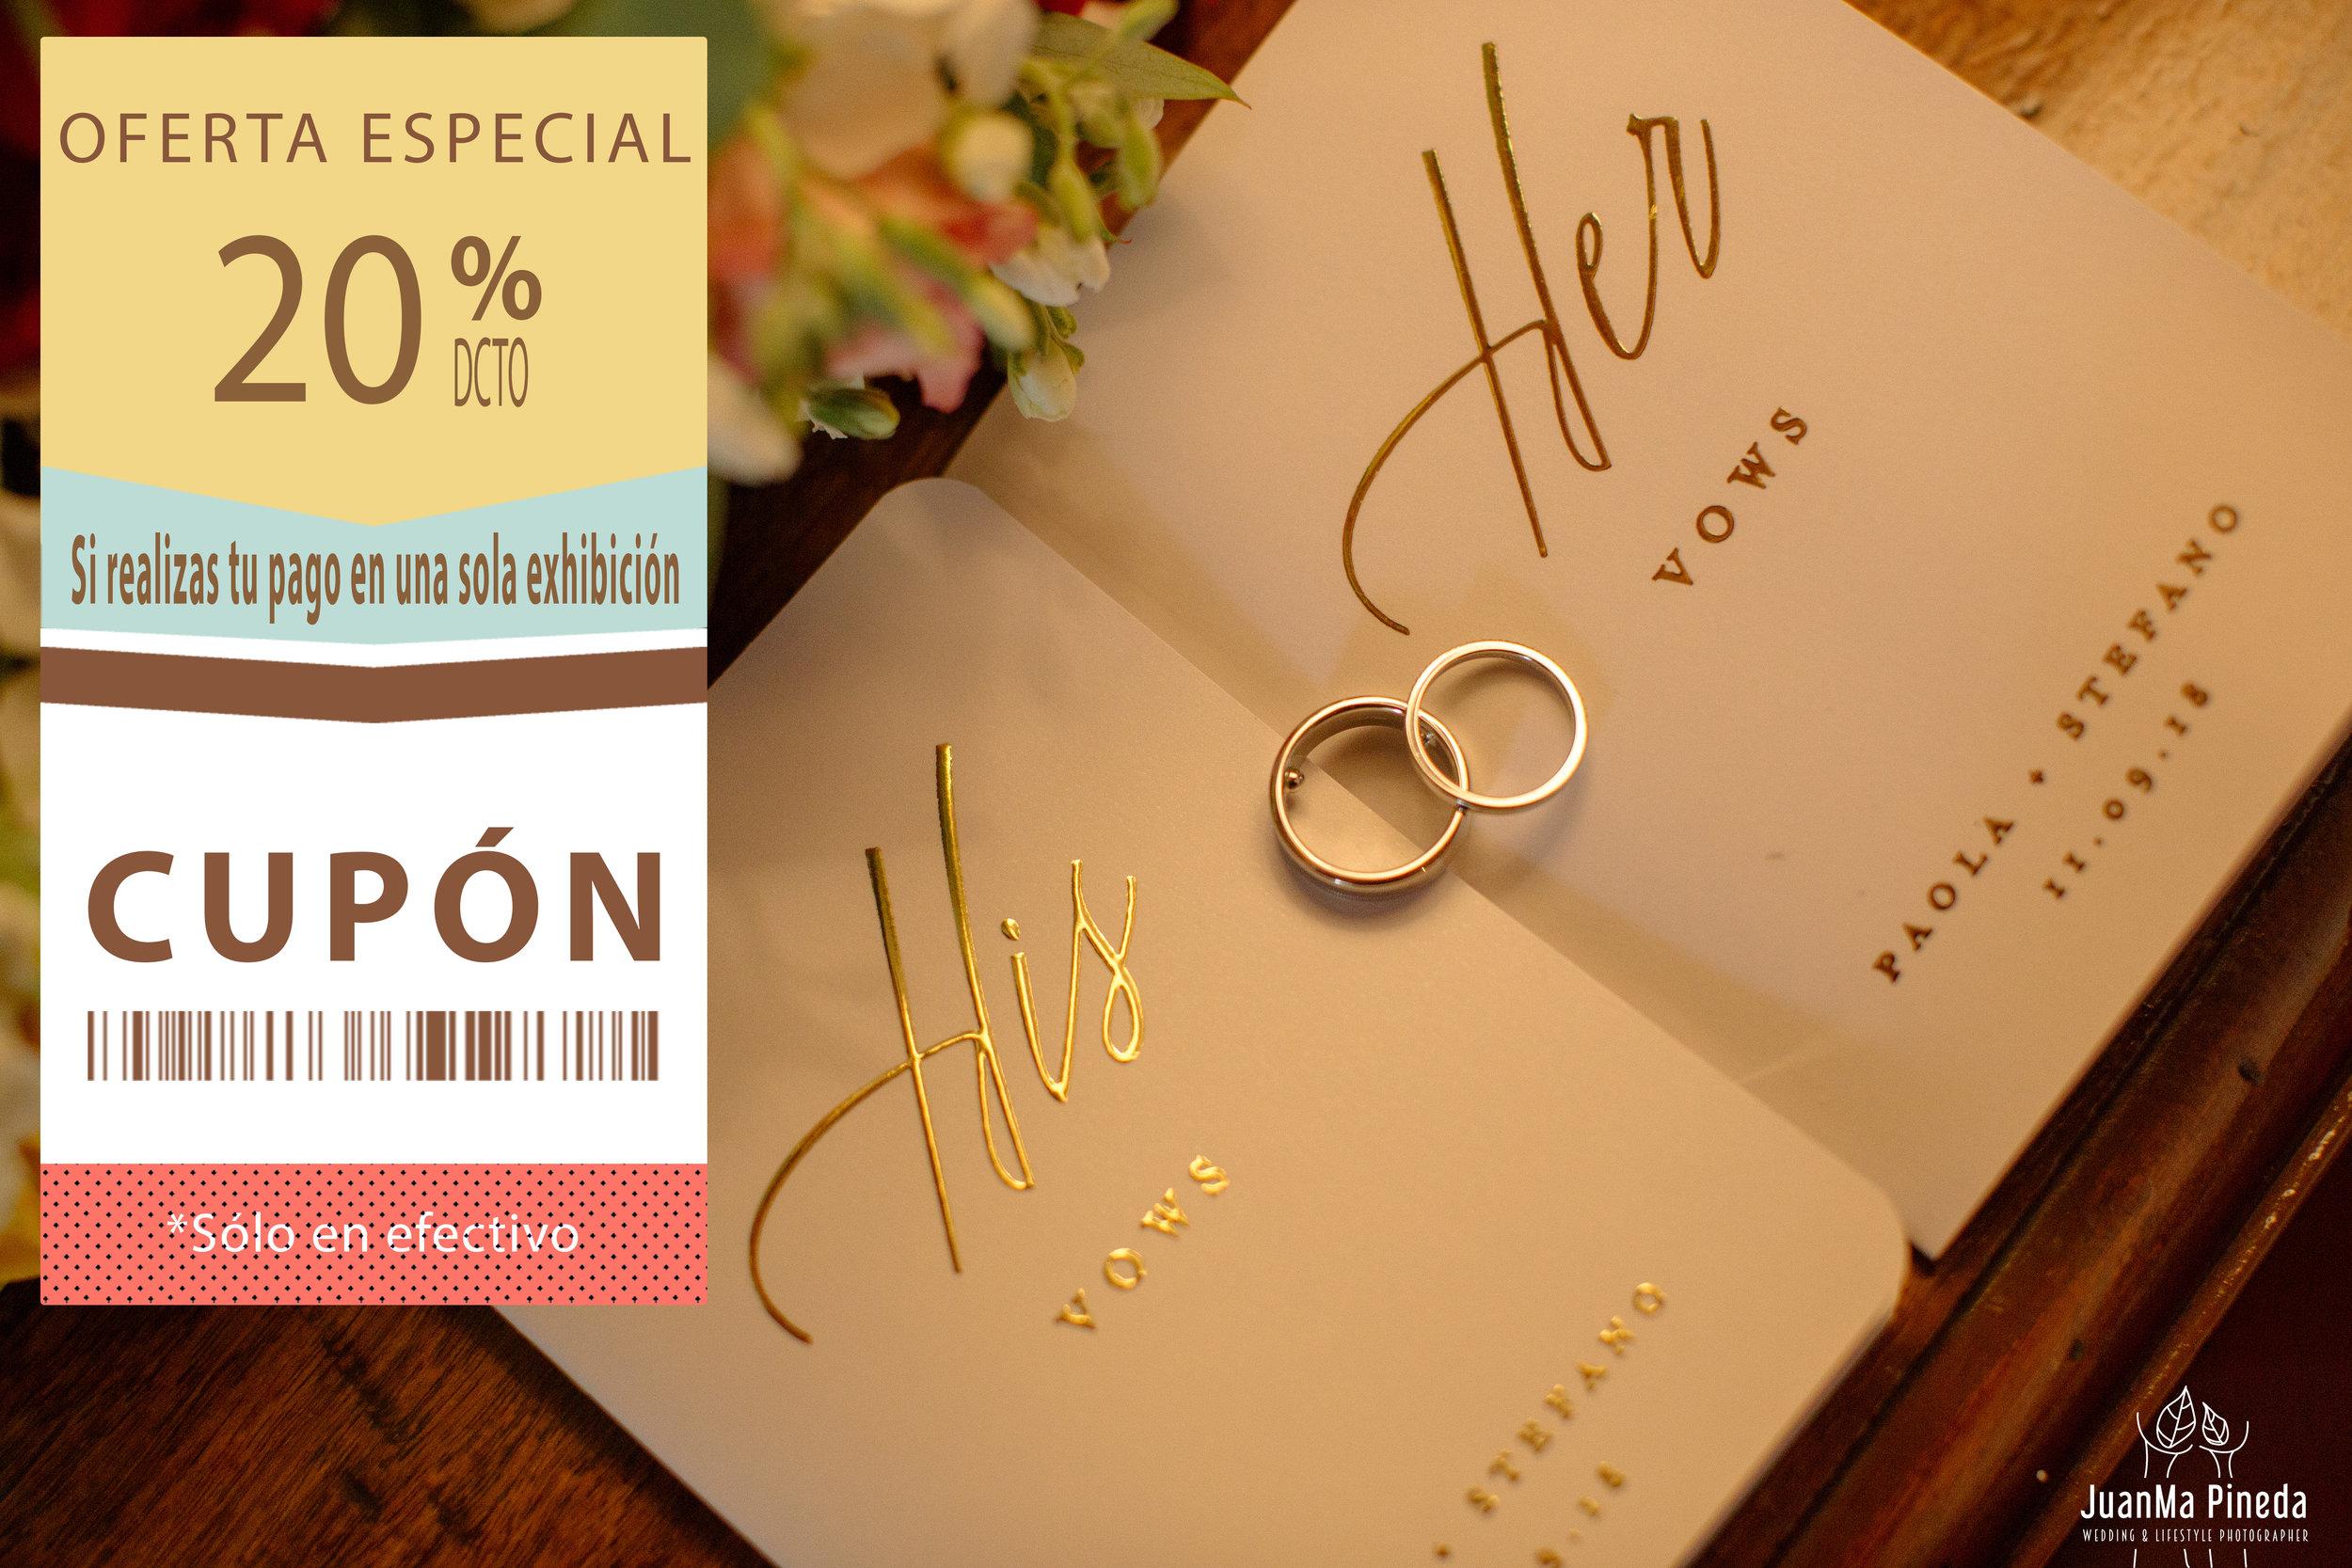 20%DESCUENTO   1EXHIBICIÓN - Si realizas el pago de tu paquete de boda en una sola exhibición. Cupón disponible en formato PDF. Imprímelo o descárgalo, y preséntalo al momento de contratar para disfrutar de este beneficio.